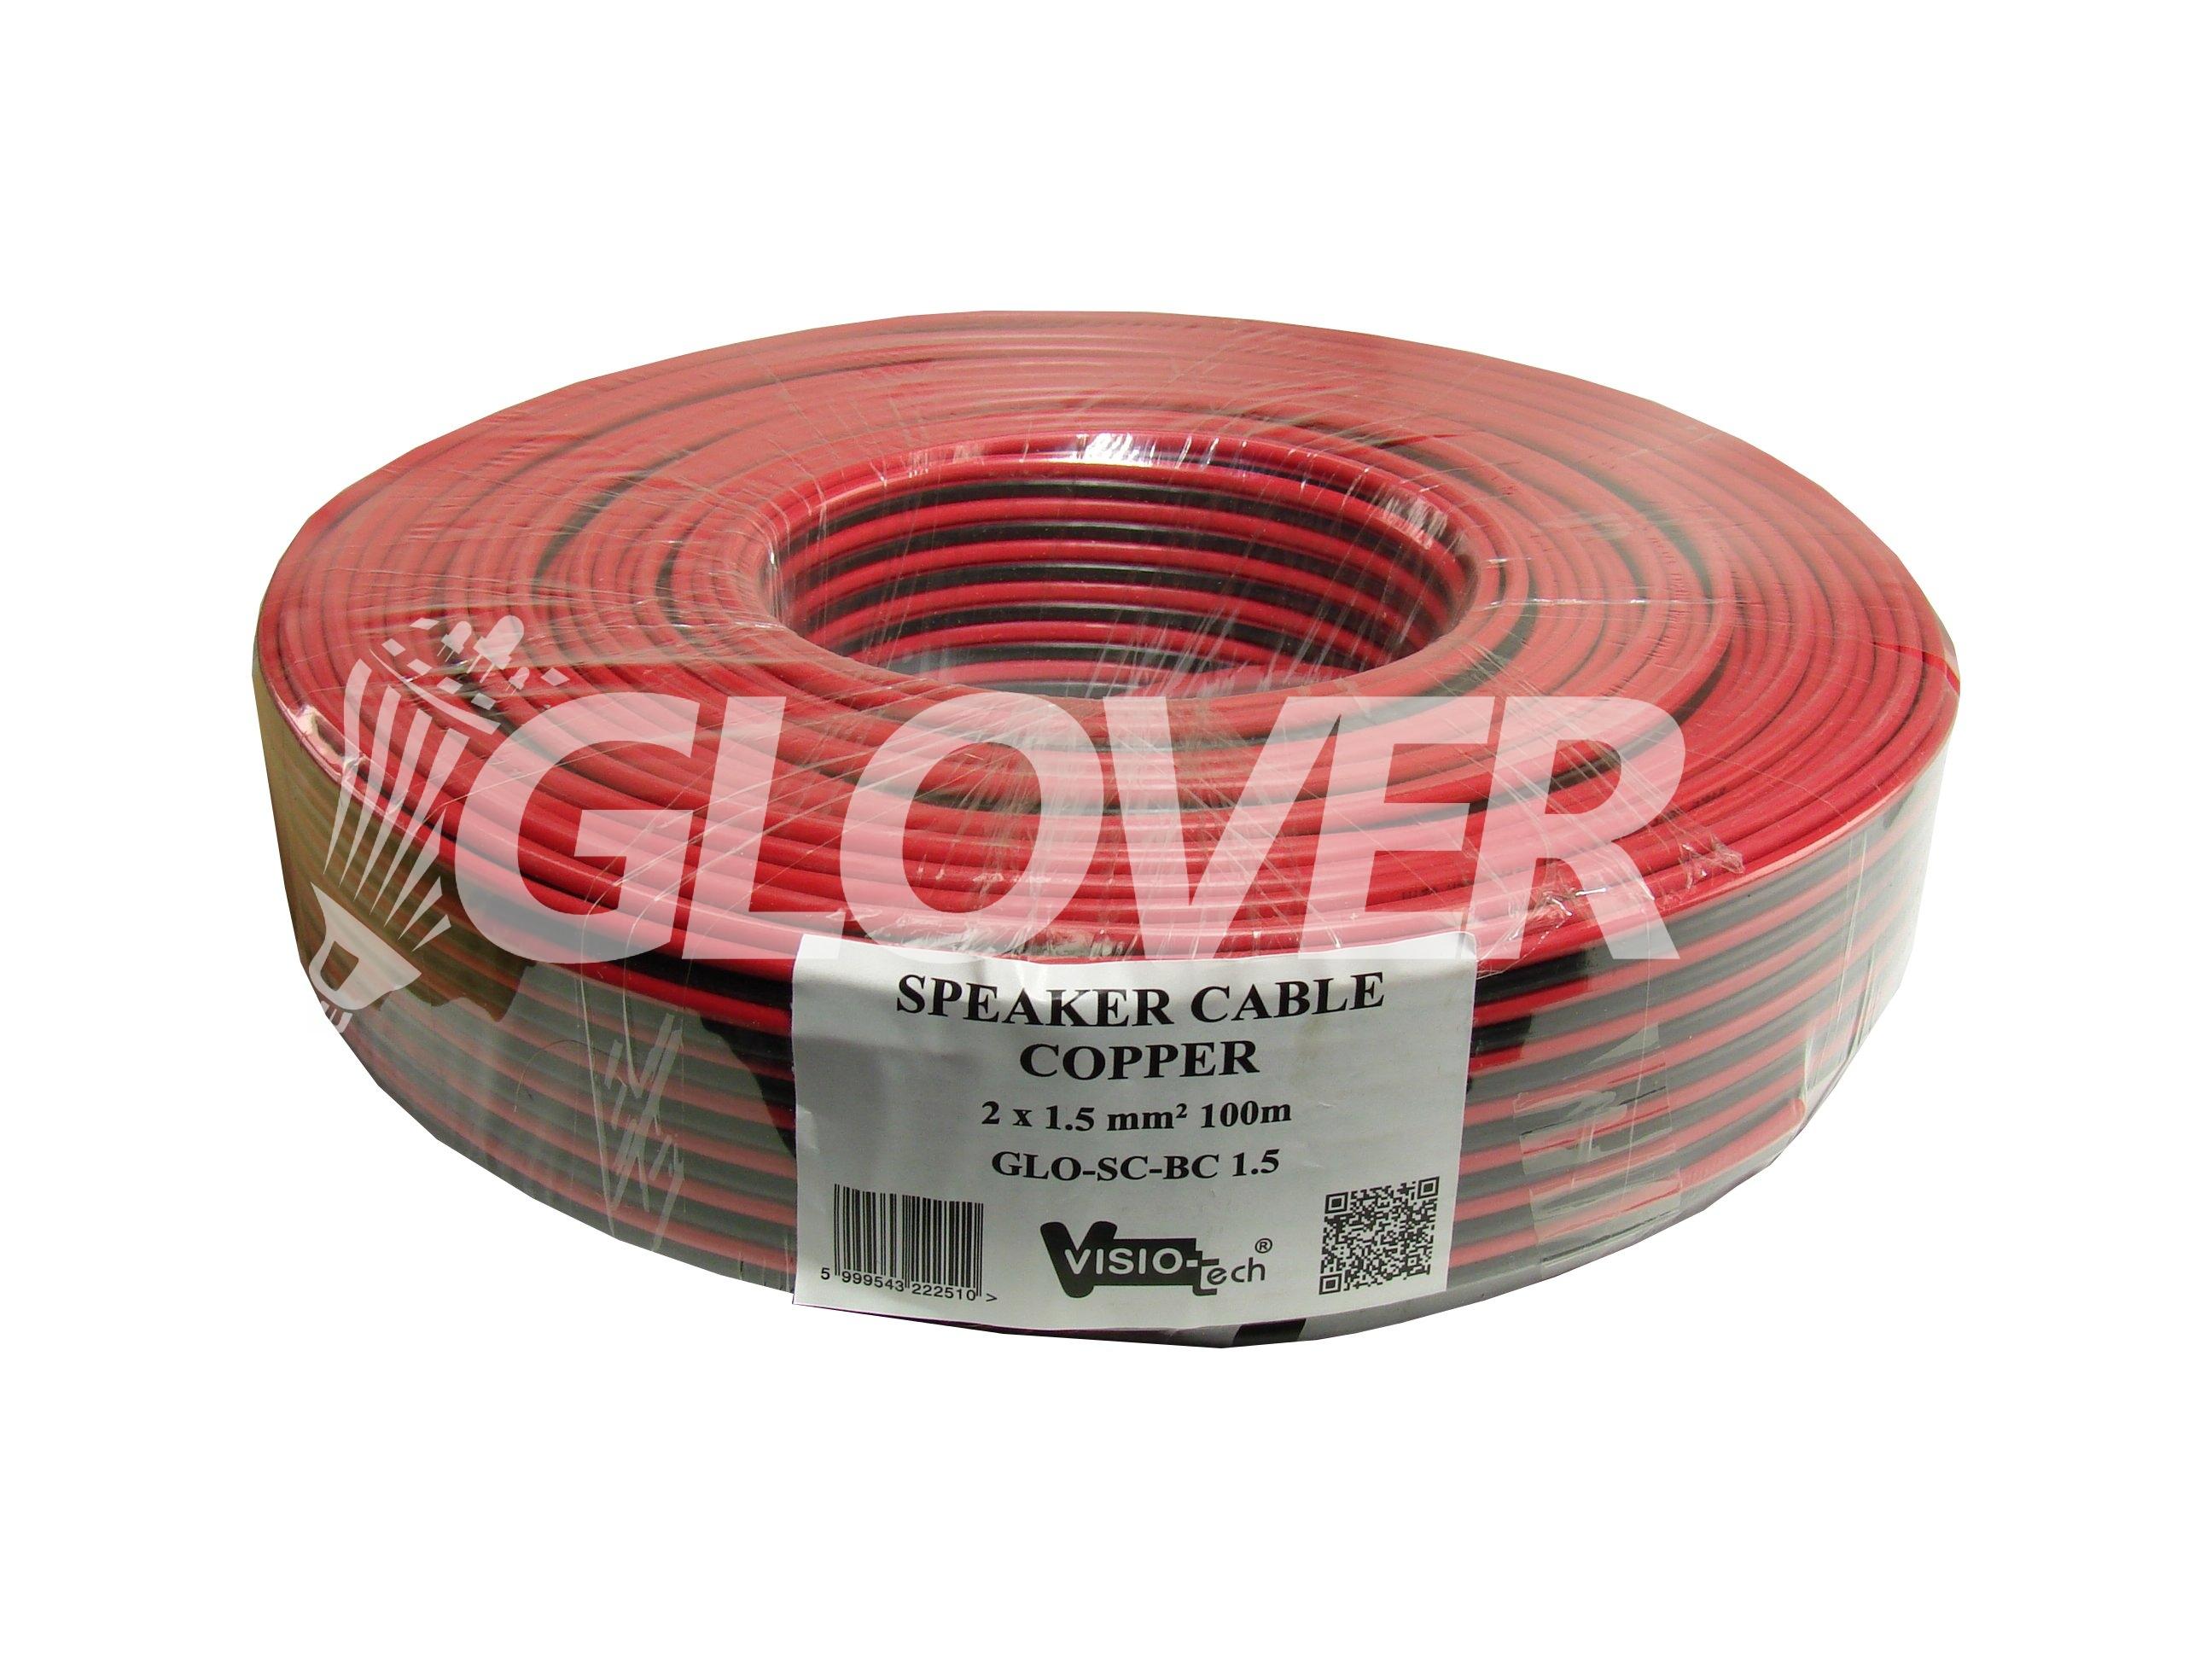 speaker cable 2 1 5 copper 100m glo sc bc 1 5 glover group kft. Black Bedroom Furniture Sets. Home Design Ideas